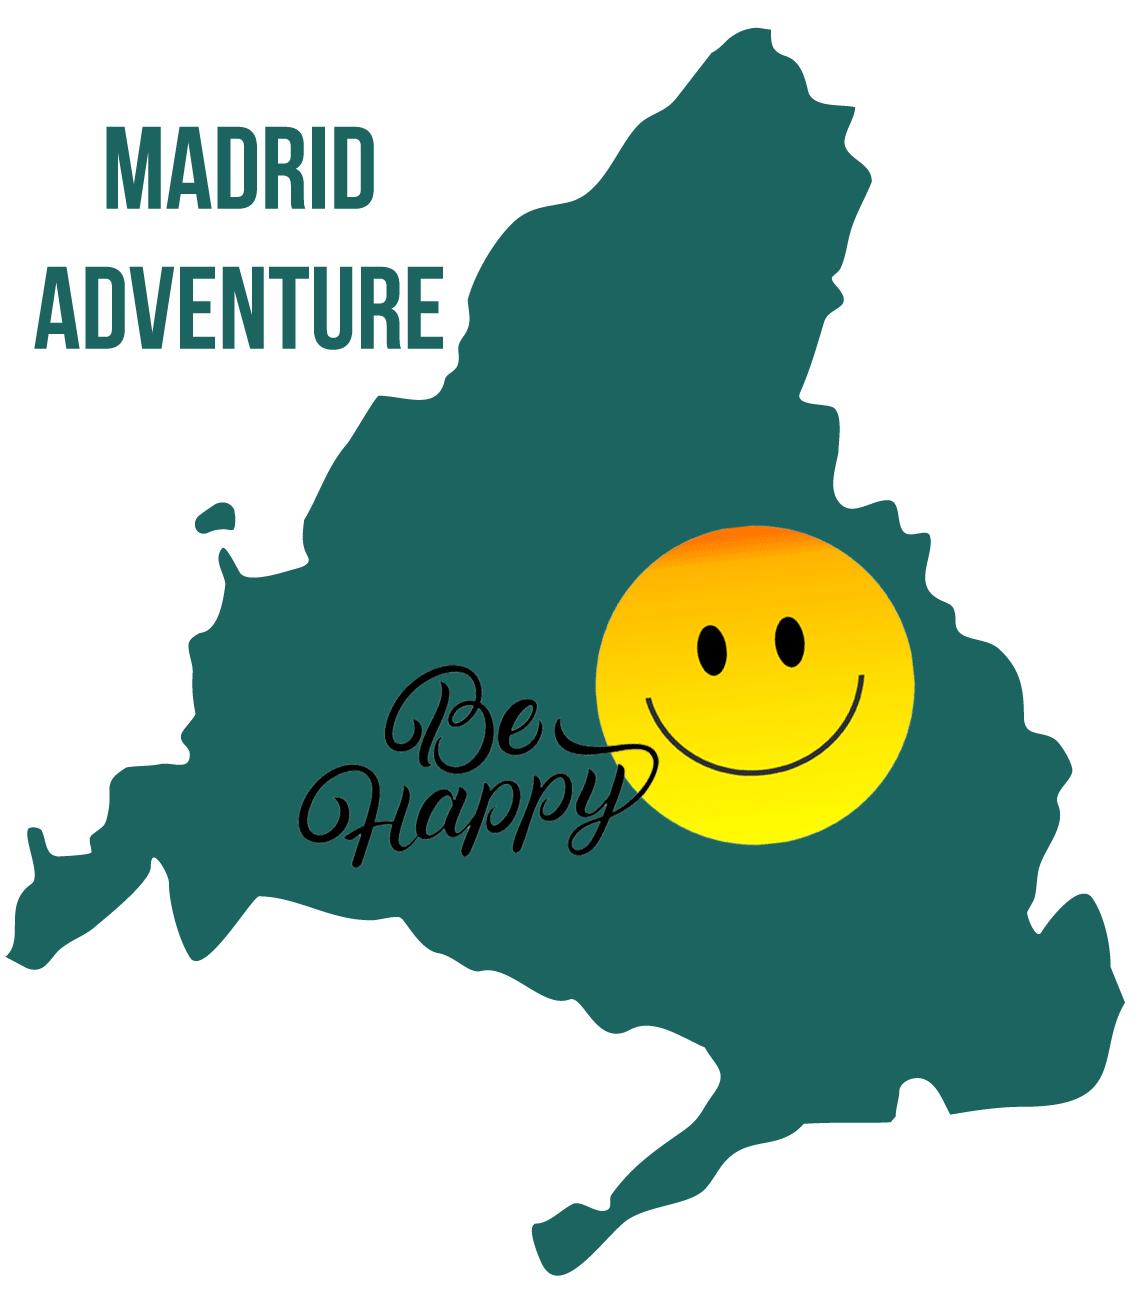 Juegos para niños y familias en Madrid